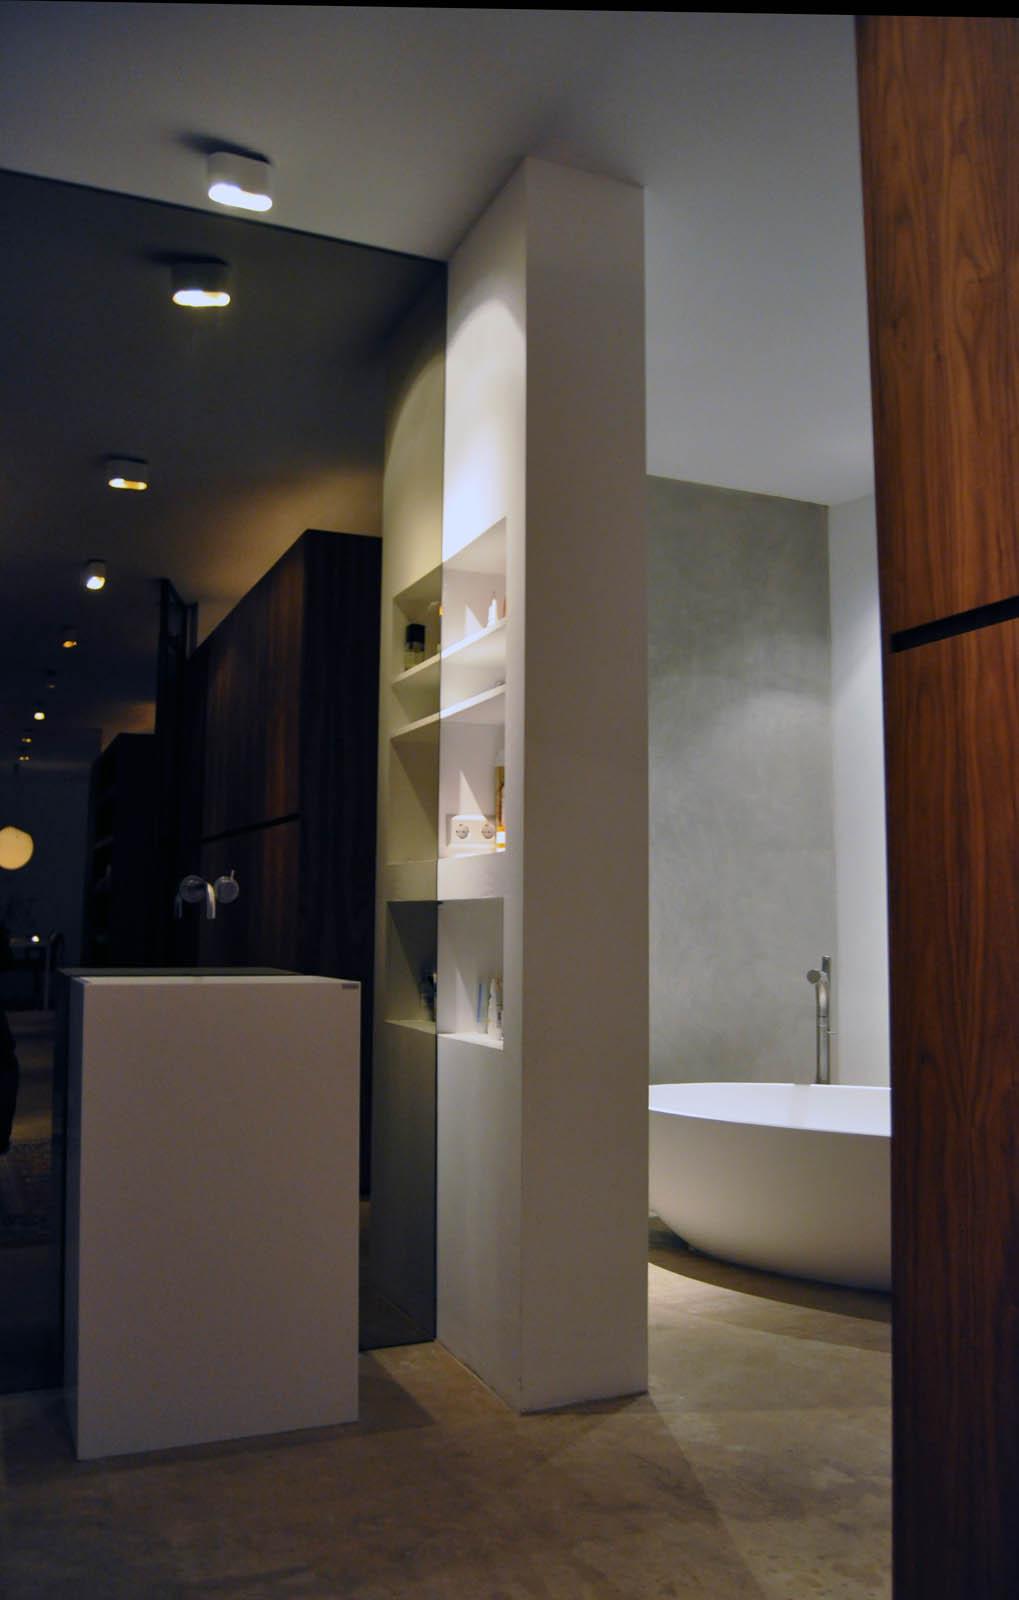 Bathroom, Loft IJ, by Jeroen de Nijs